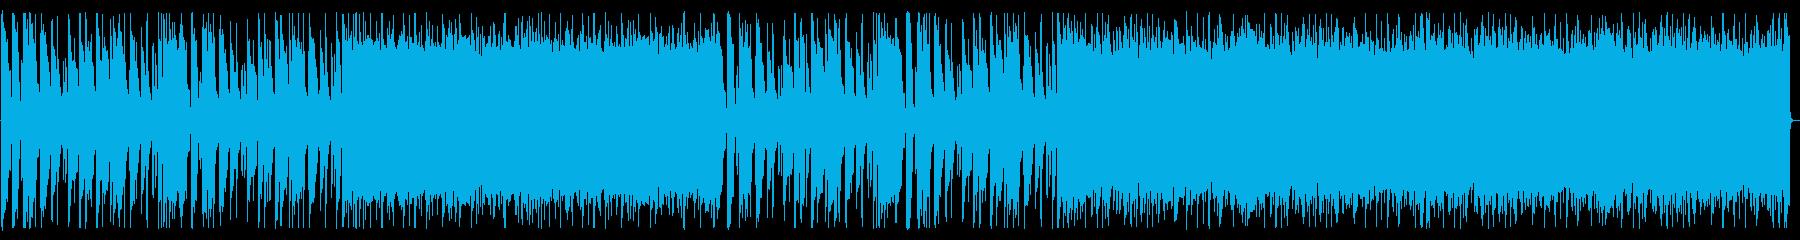 重厚/シンプル/ロック_No600_1の再生済みの波形